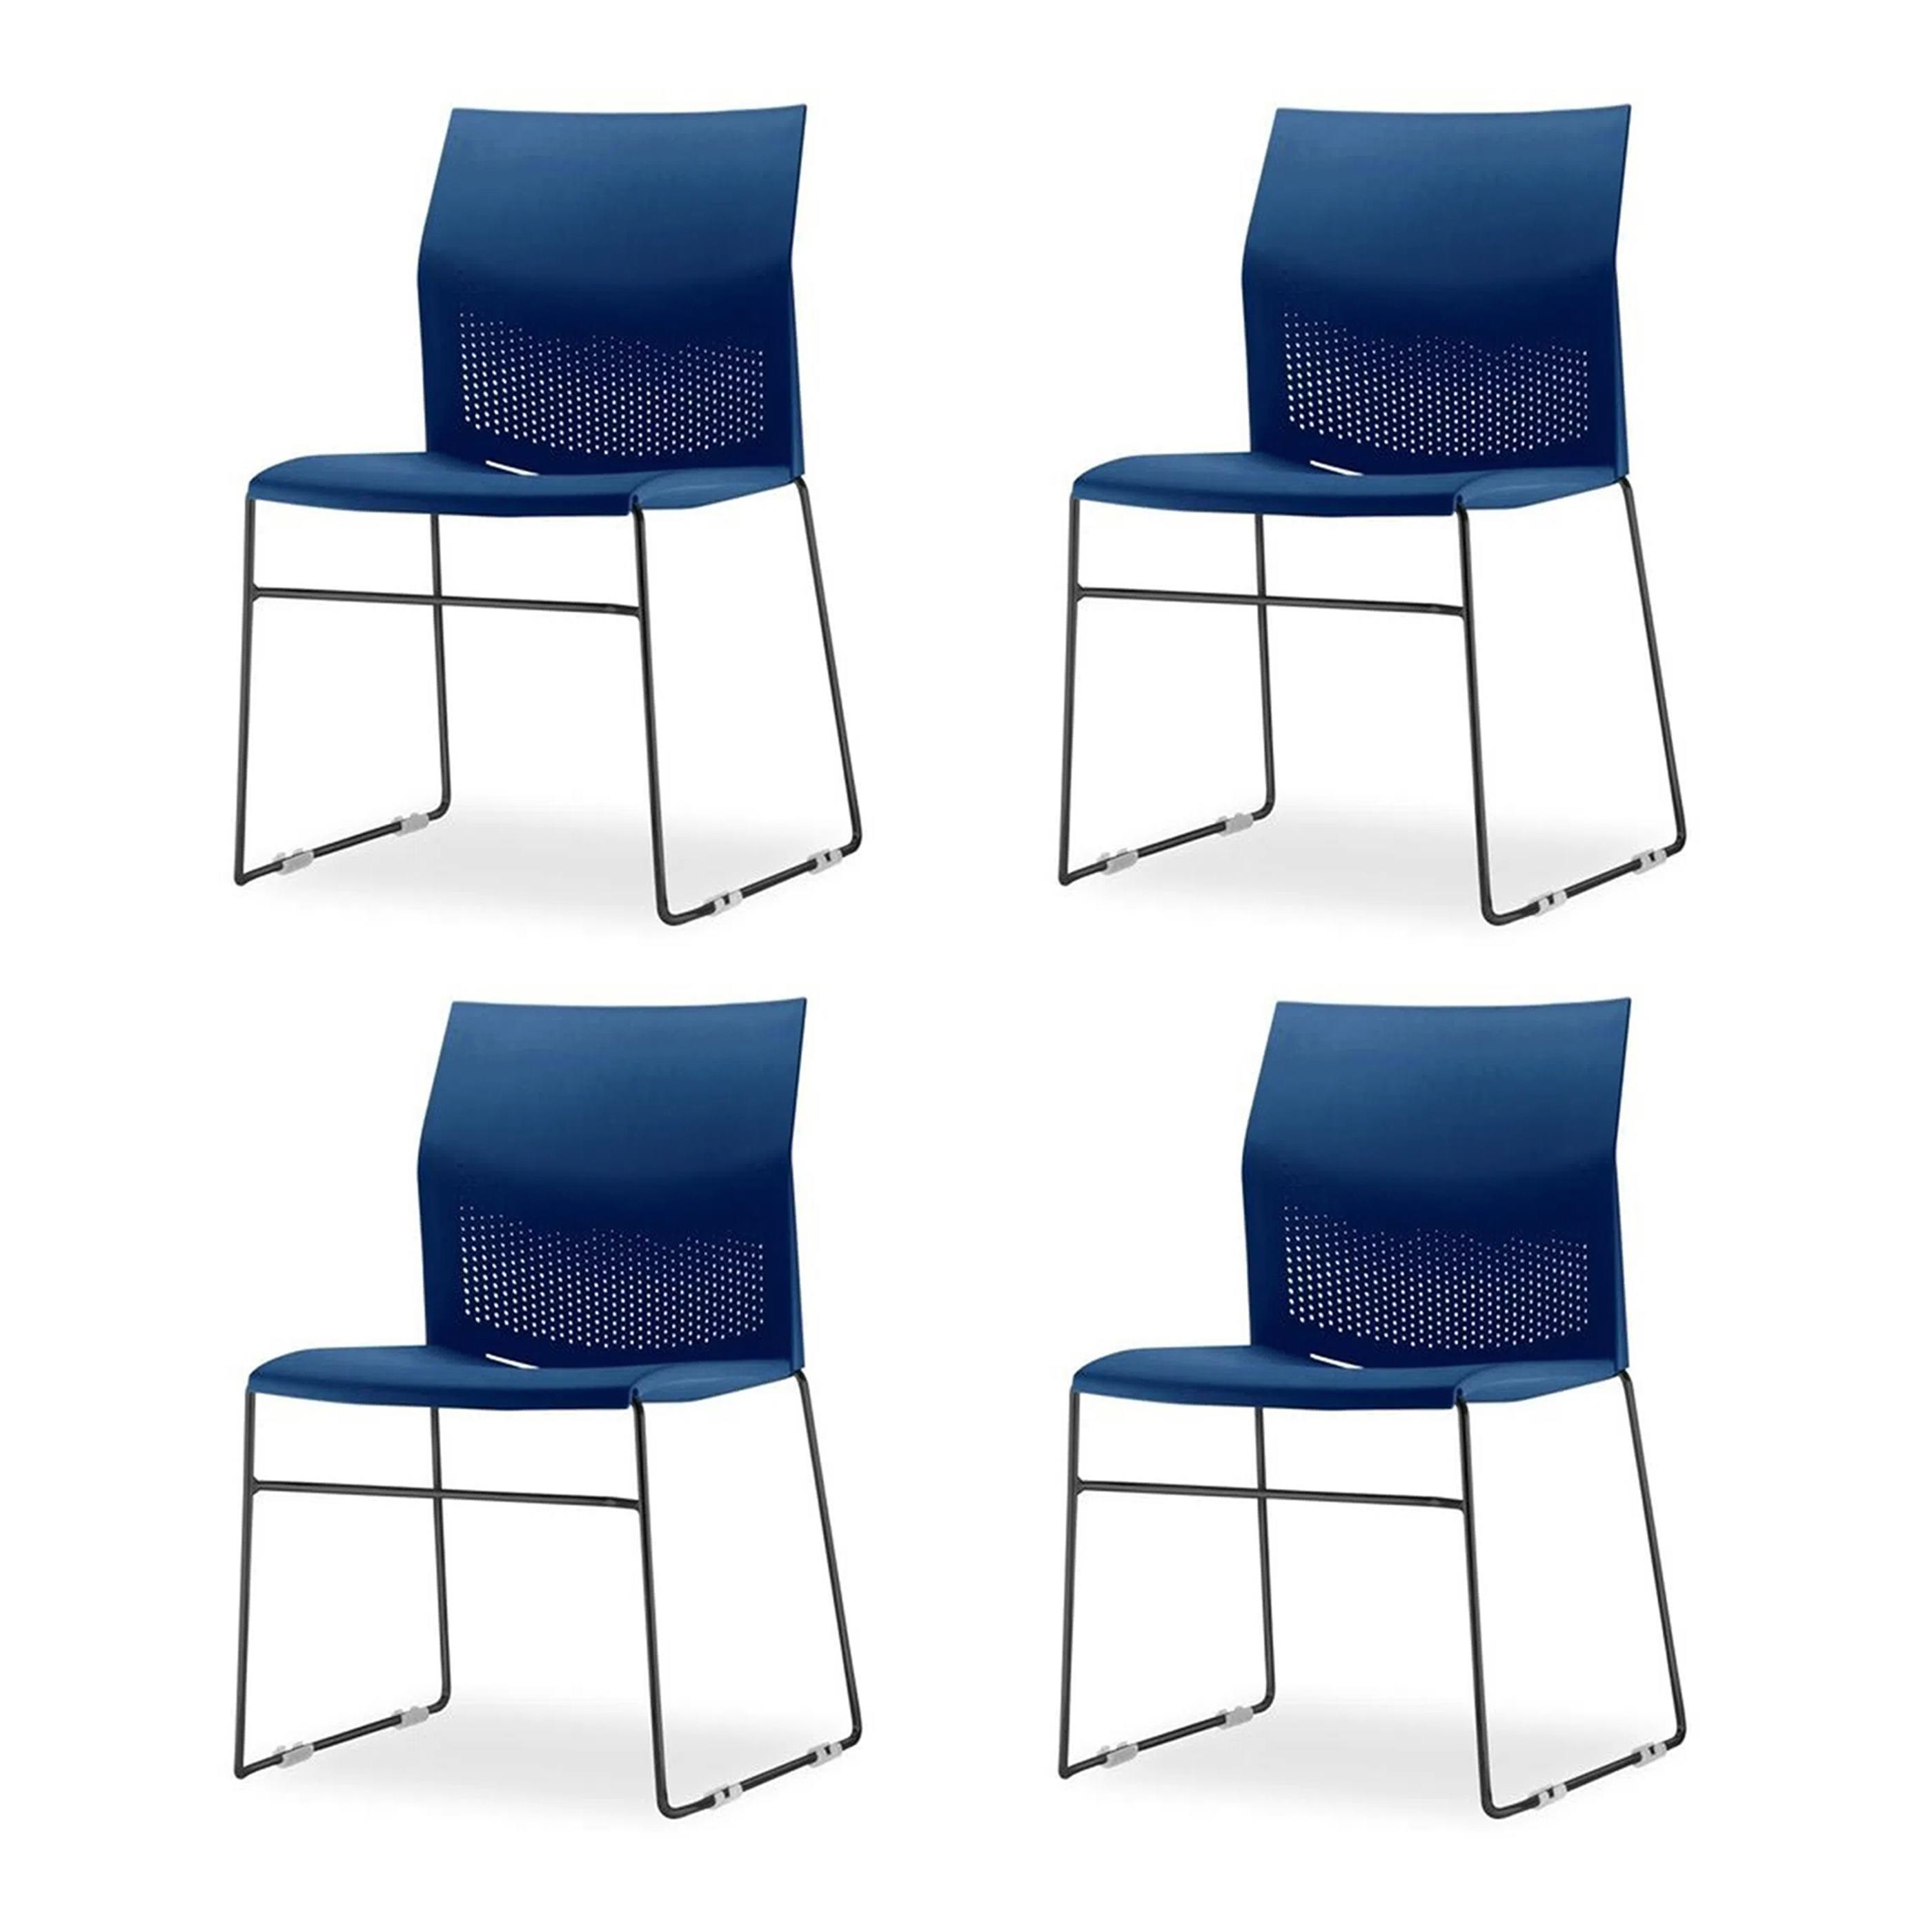 Kit 4 Cadeiras Connect Assento Azul Base Fixa Preta - 57588